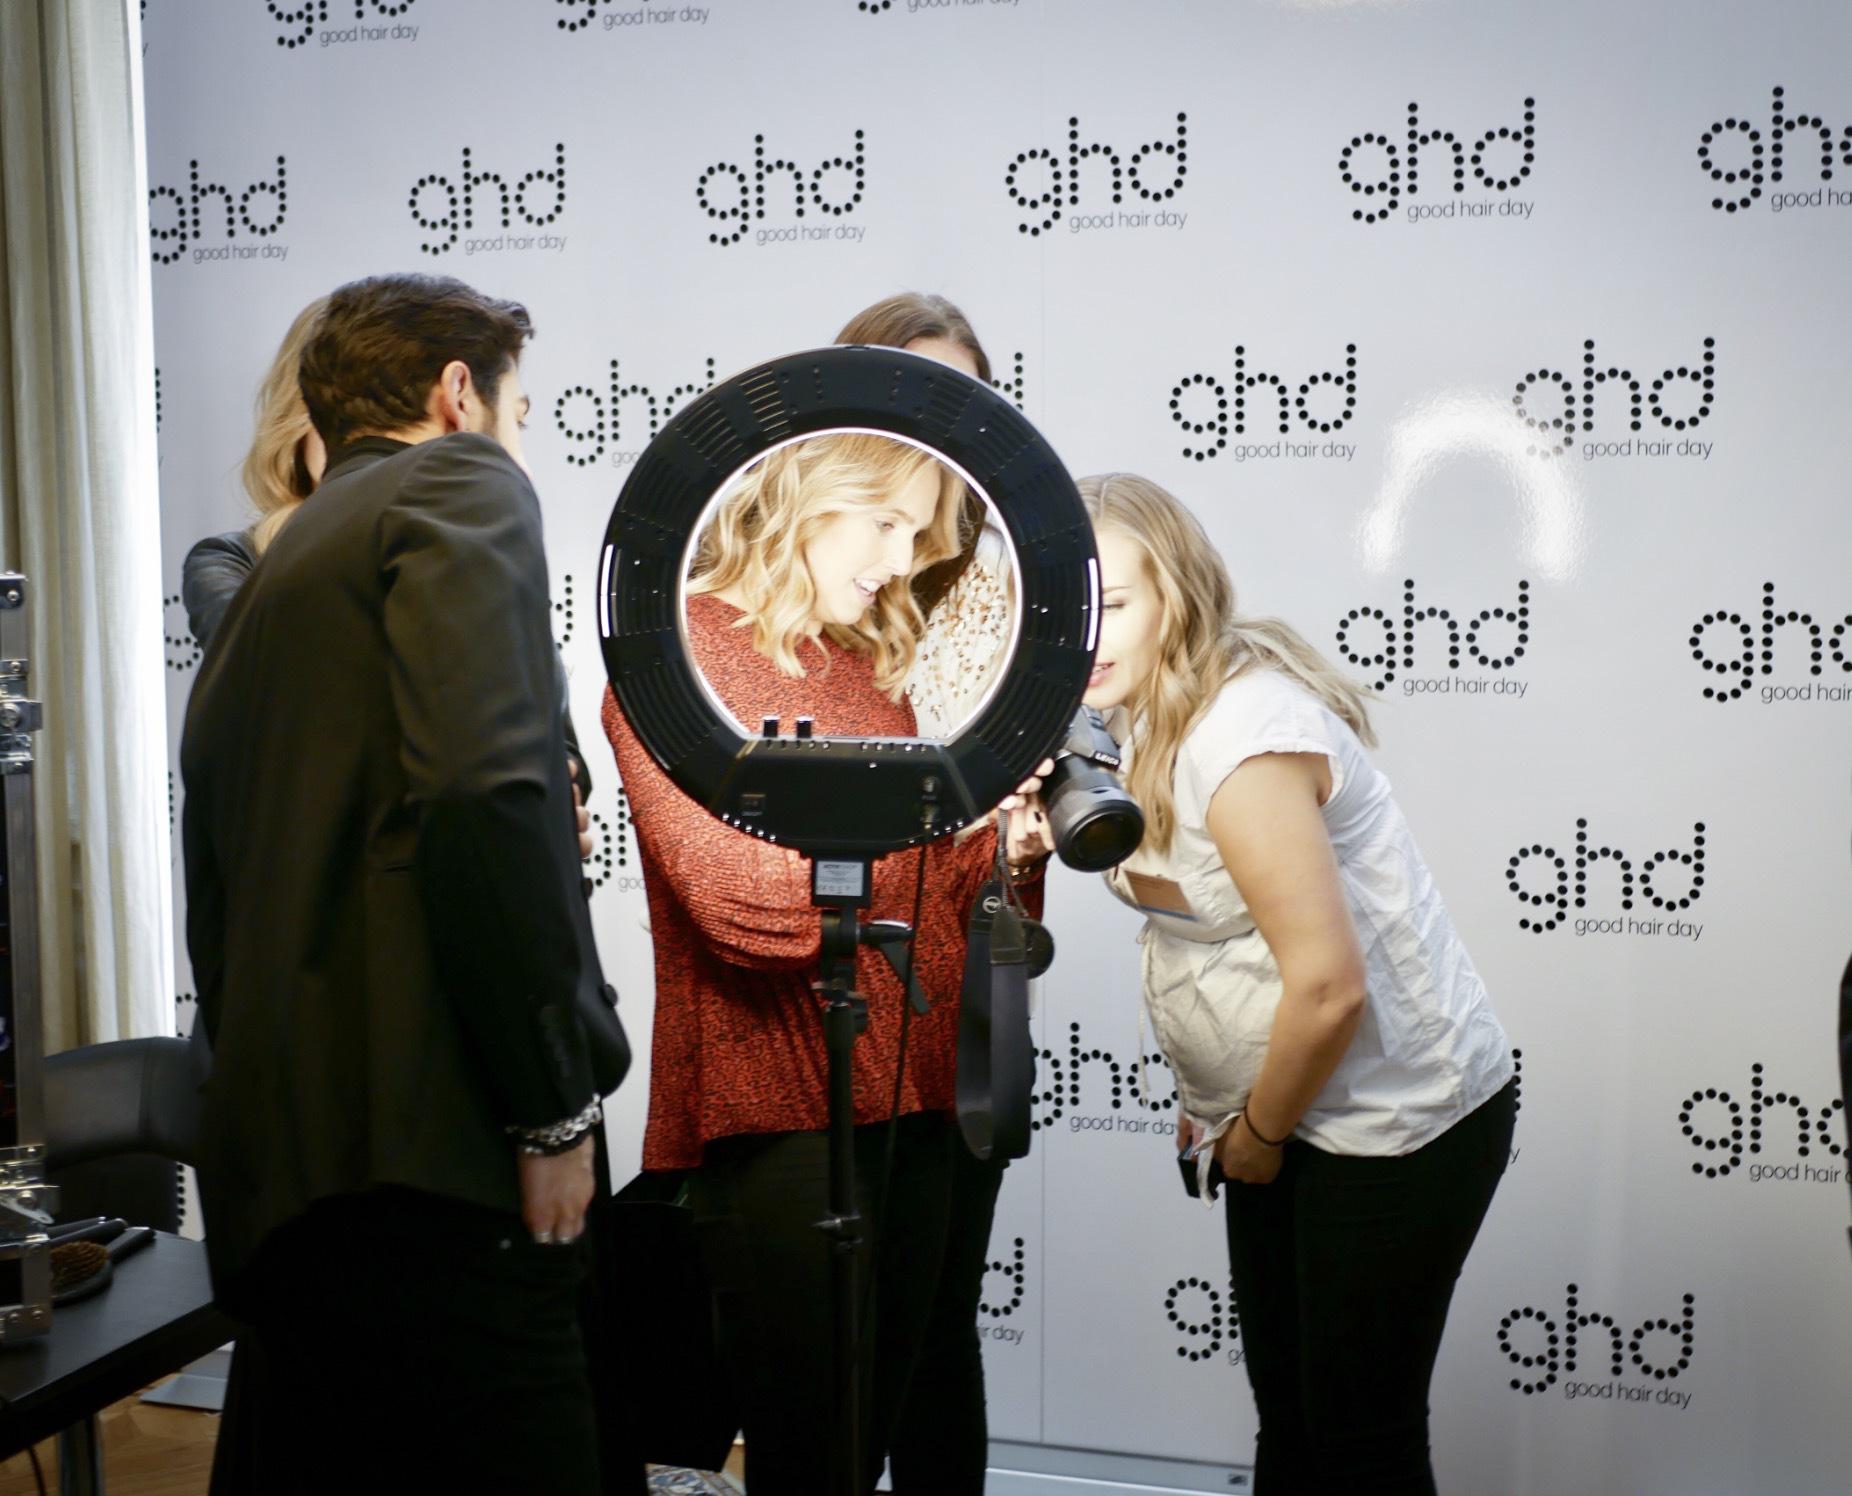 GHD var på plats och där kunde man få ett proffsigt foto med sig hem när man hade blivit stylad av Antoine Astour som är GHD:s creative director